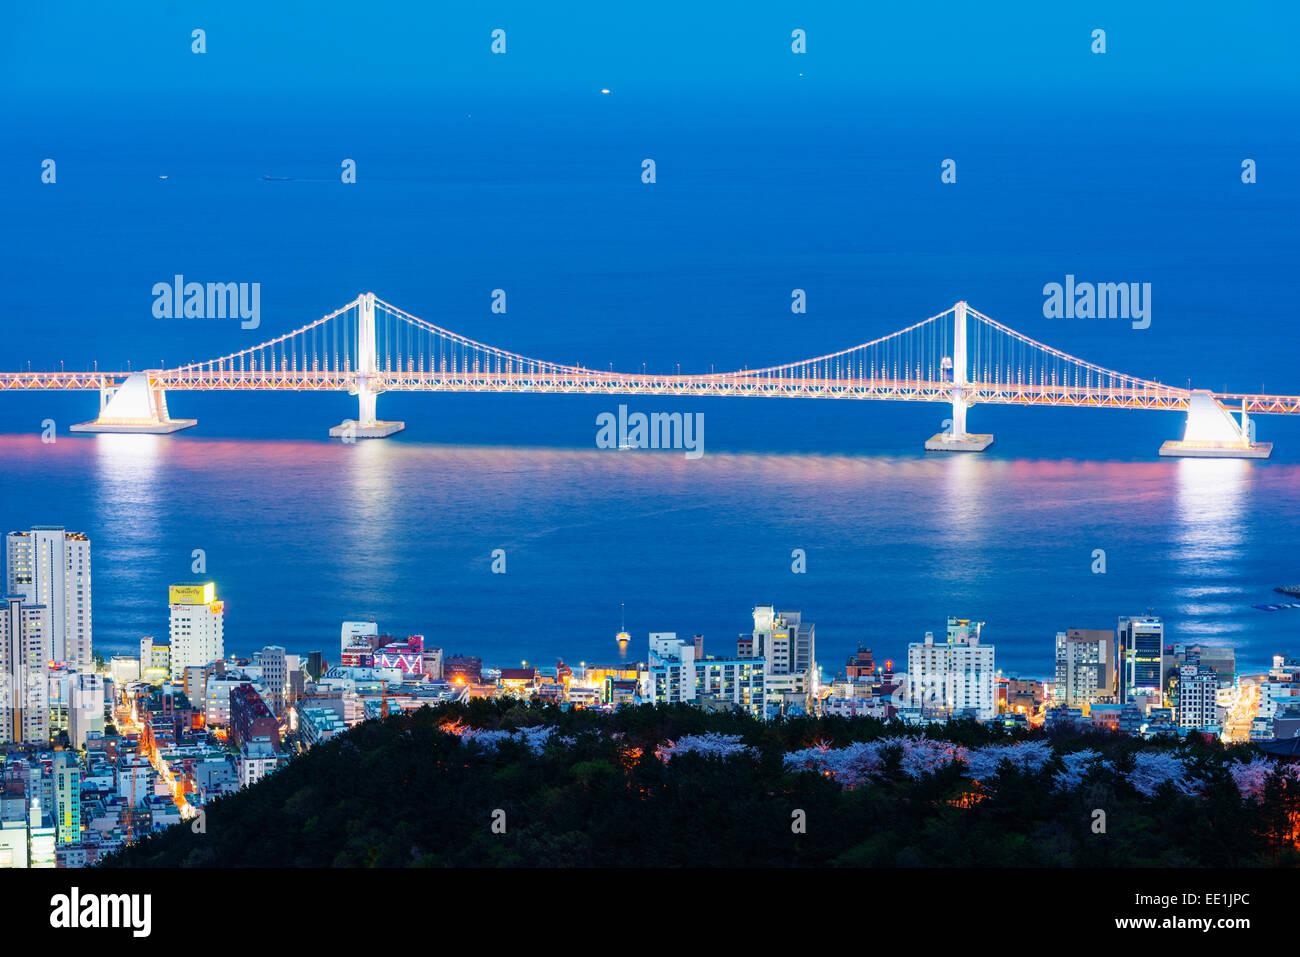 Skyline della città e ponte Gwangang, Busan, Corea del Sud, Asia Immagini Stock